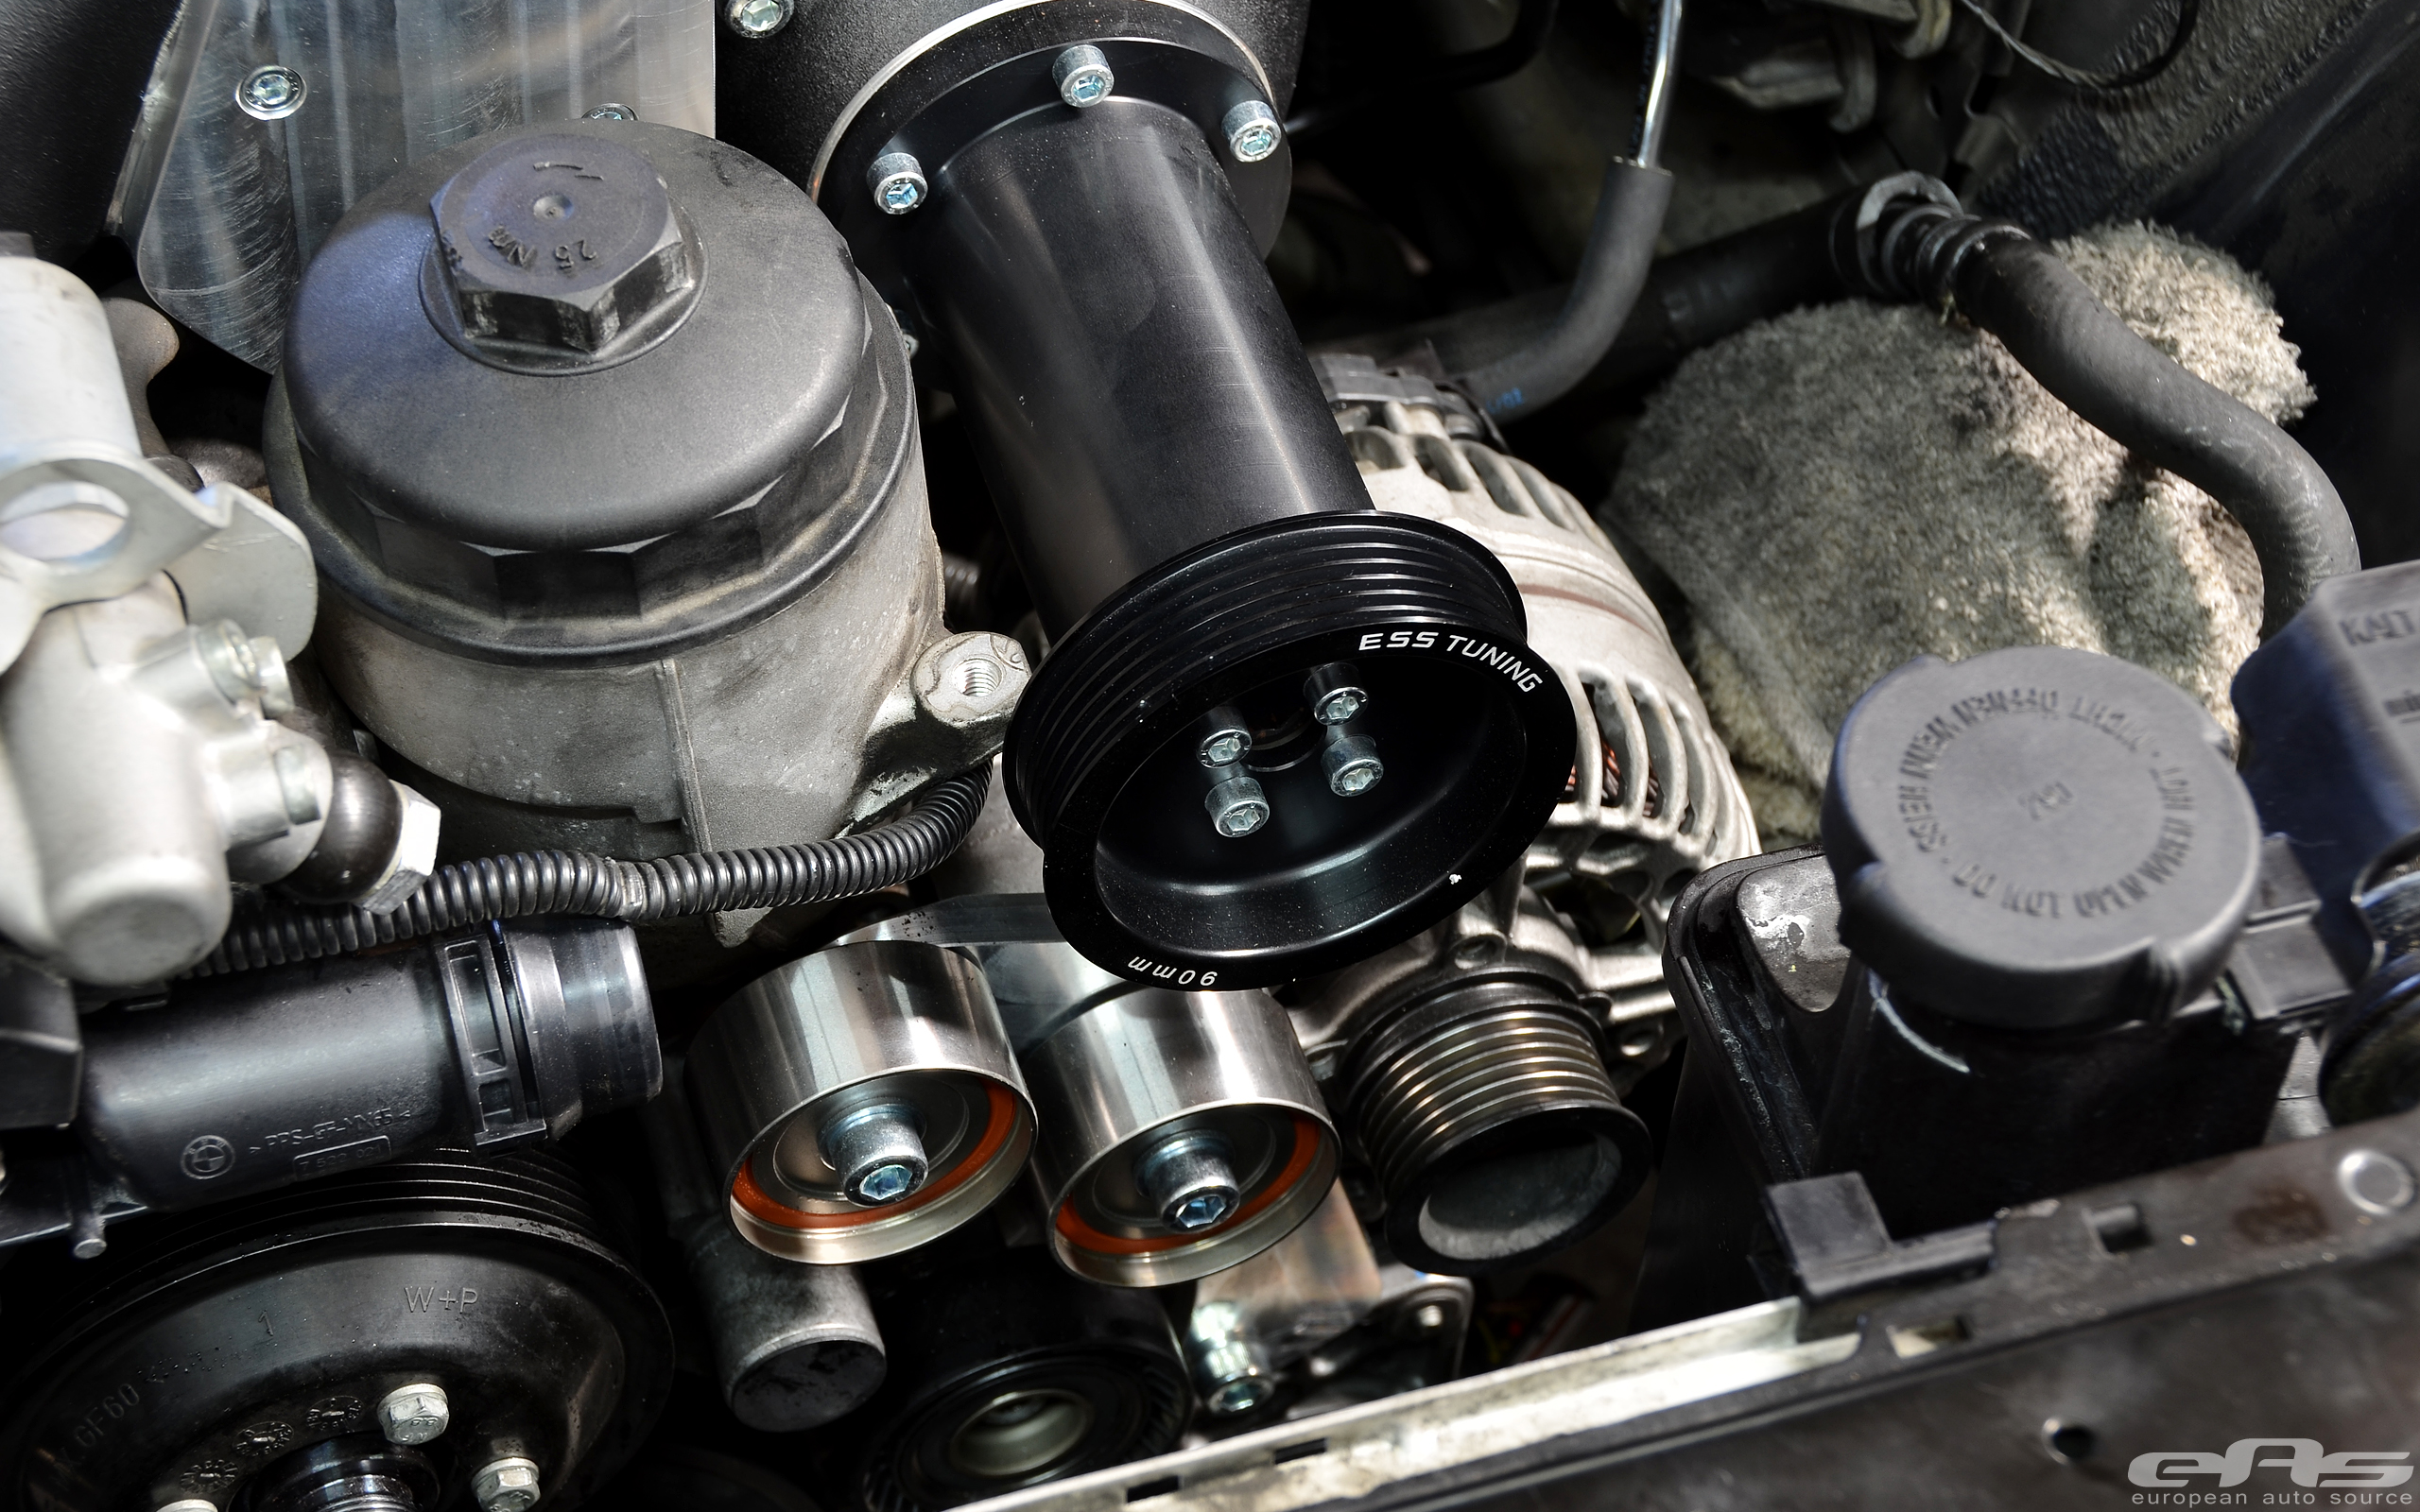 Bmw 330i supercharger